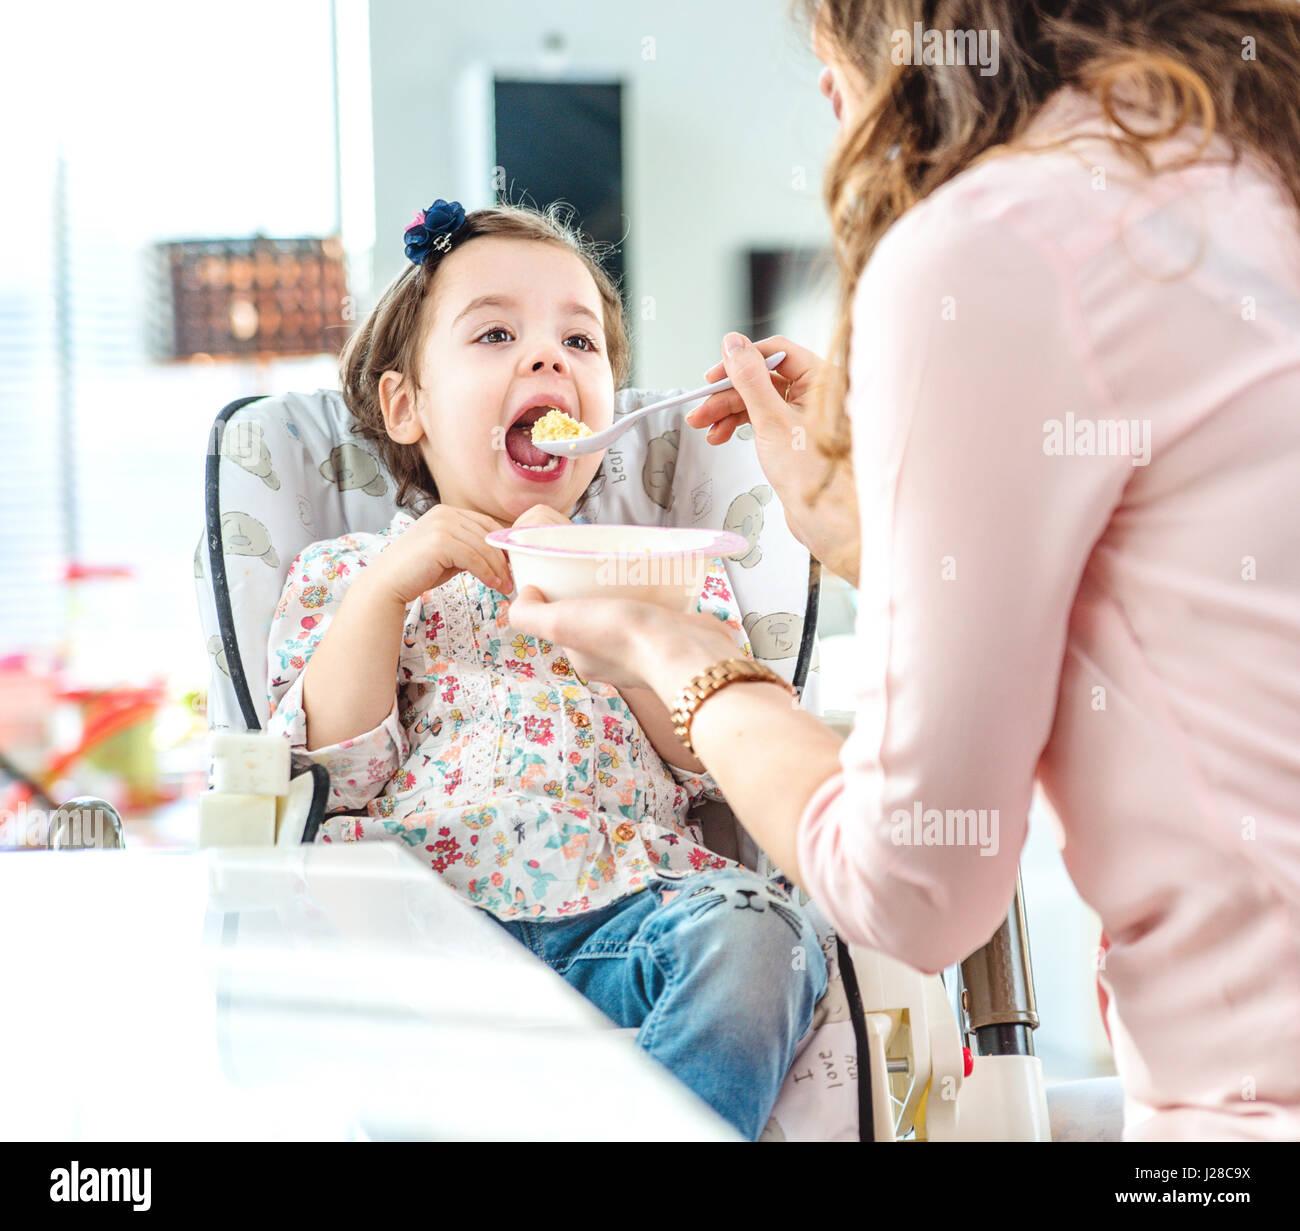 Mère nourrit sa fille bien-aimée Photo Stock